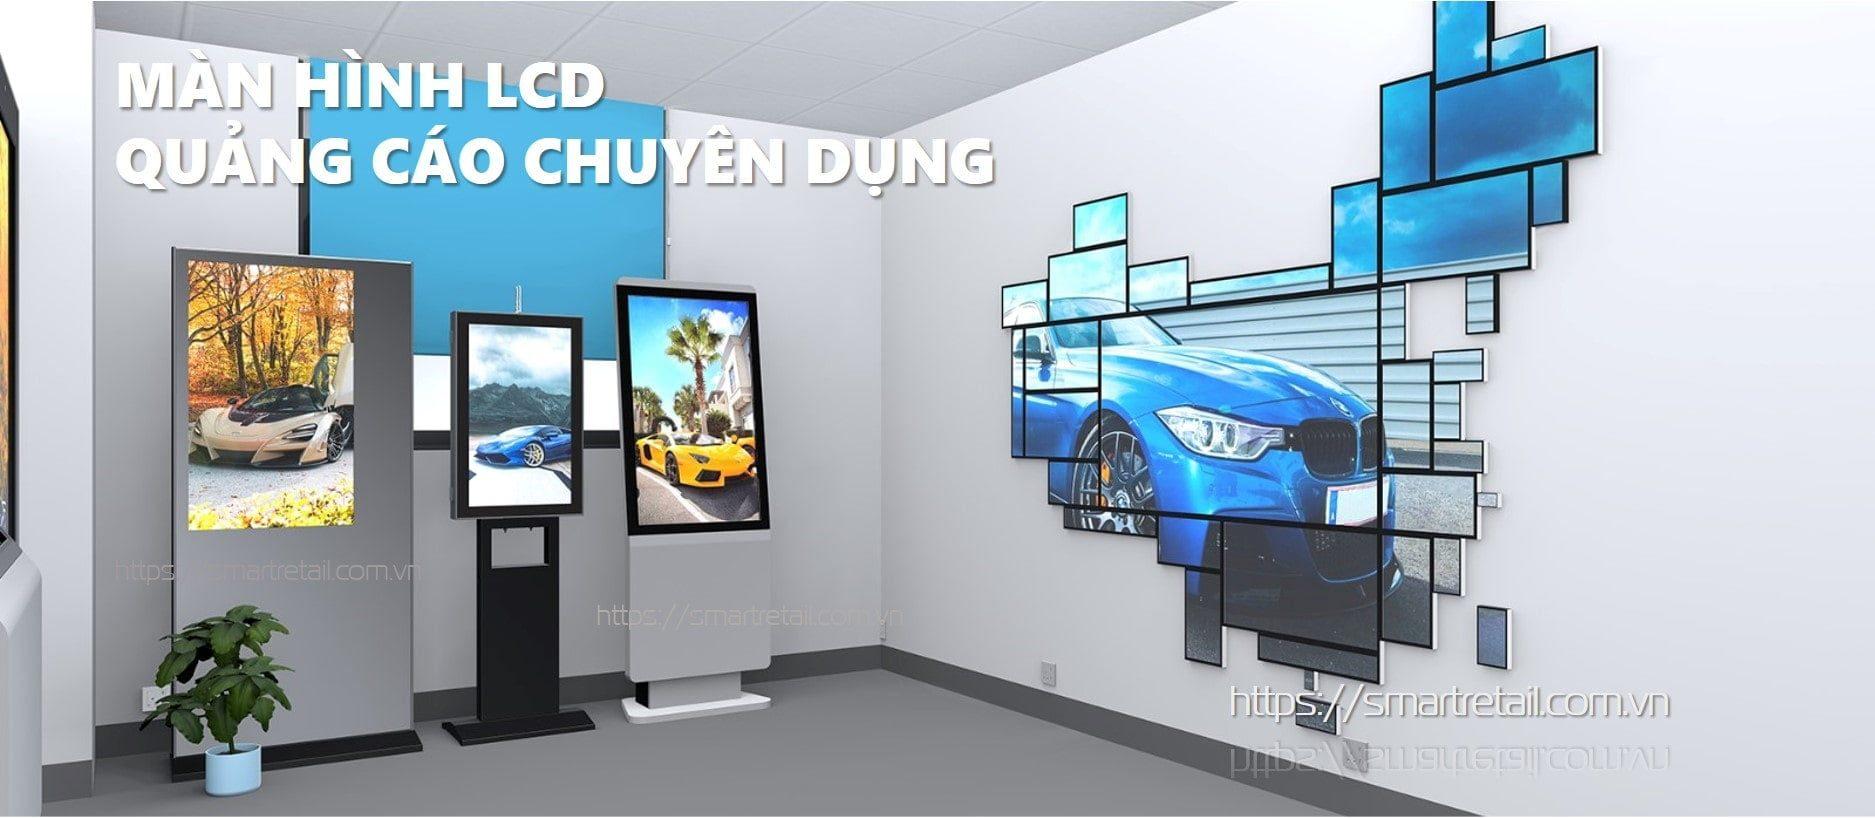 Màn hình LCD quảng cáo chuyên dụng năm 2021